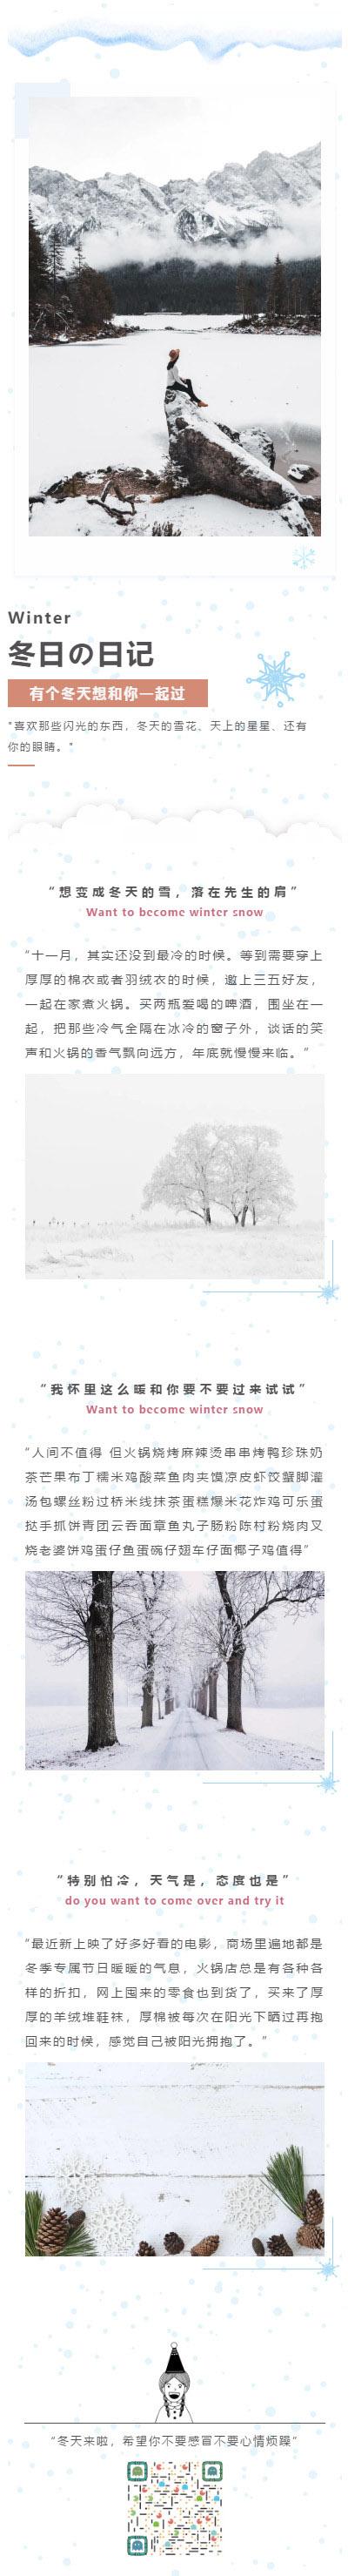 冬天飘雪花雪白微信公众号推文模板大雪寒潮推送图文素材